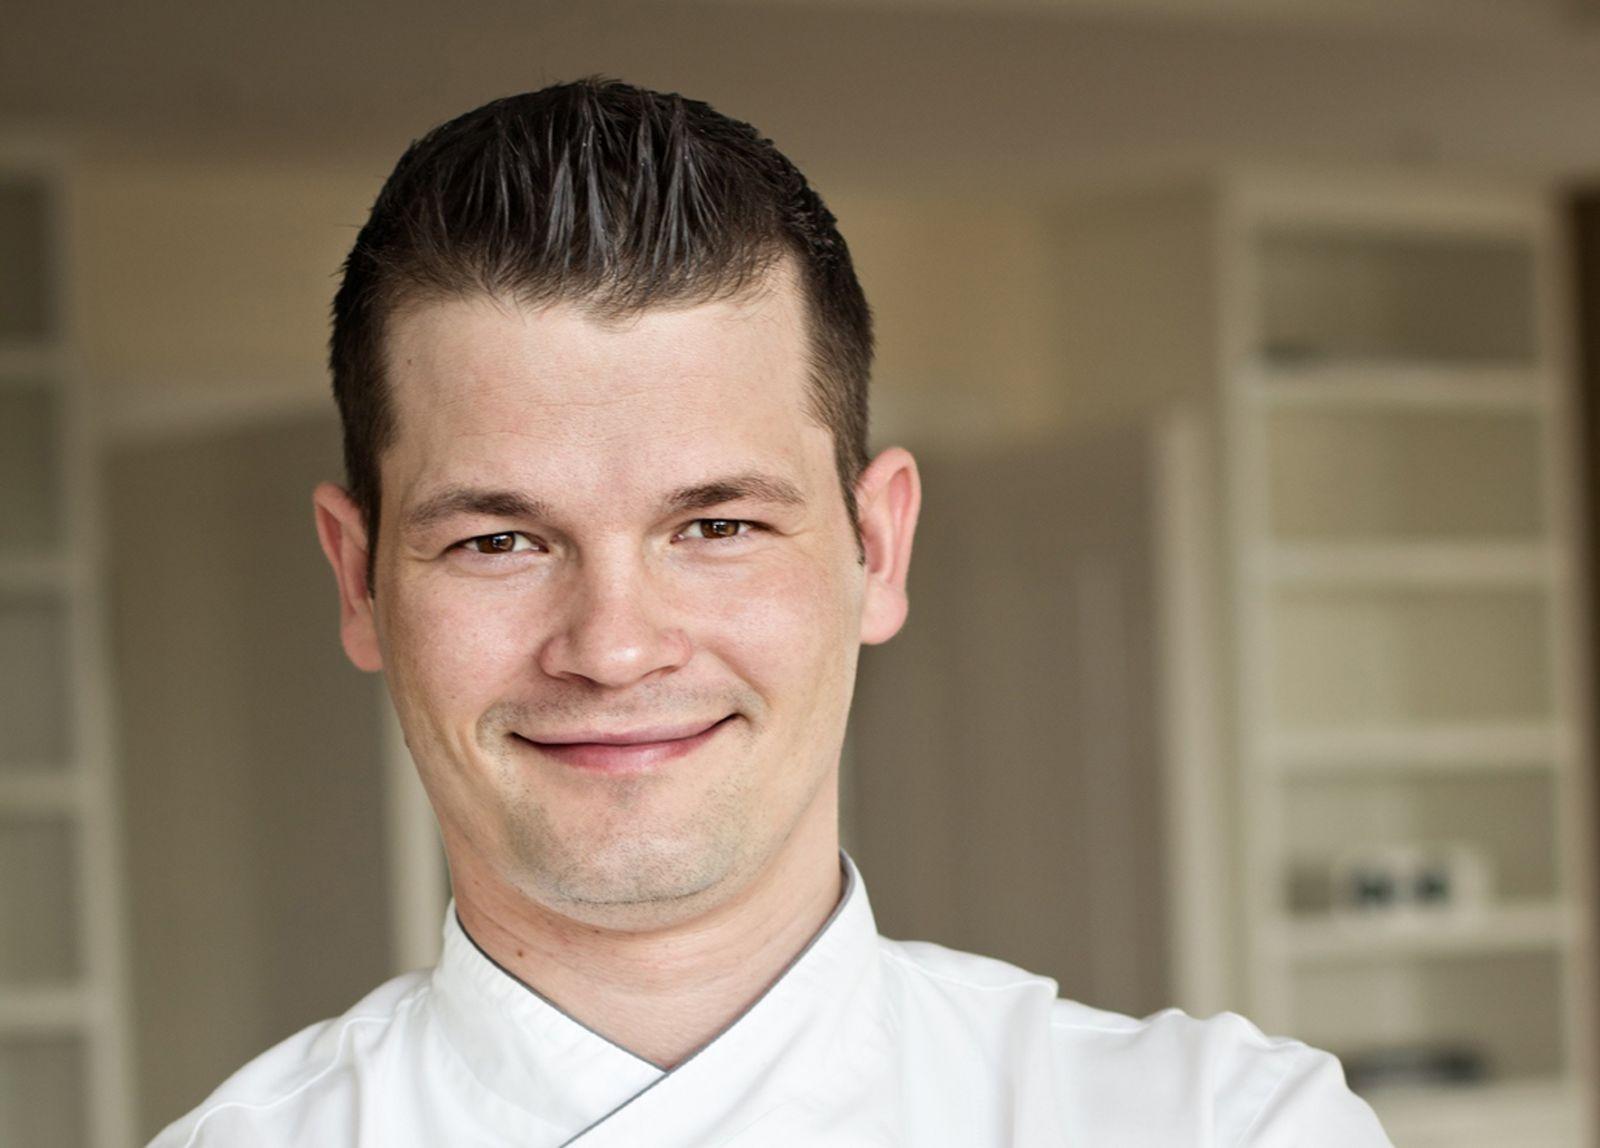 Neuer Küchendirektor im Dorint Park Hotel Bremen | Restaurant Ranglisten